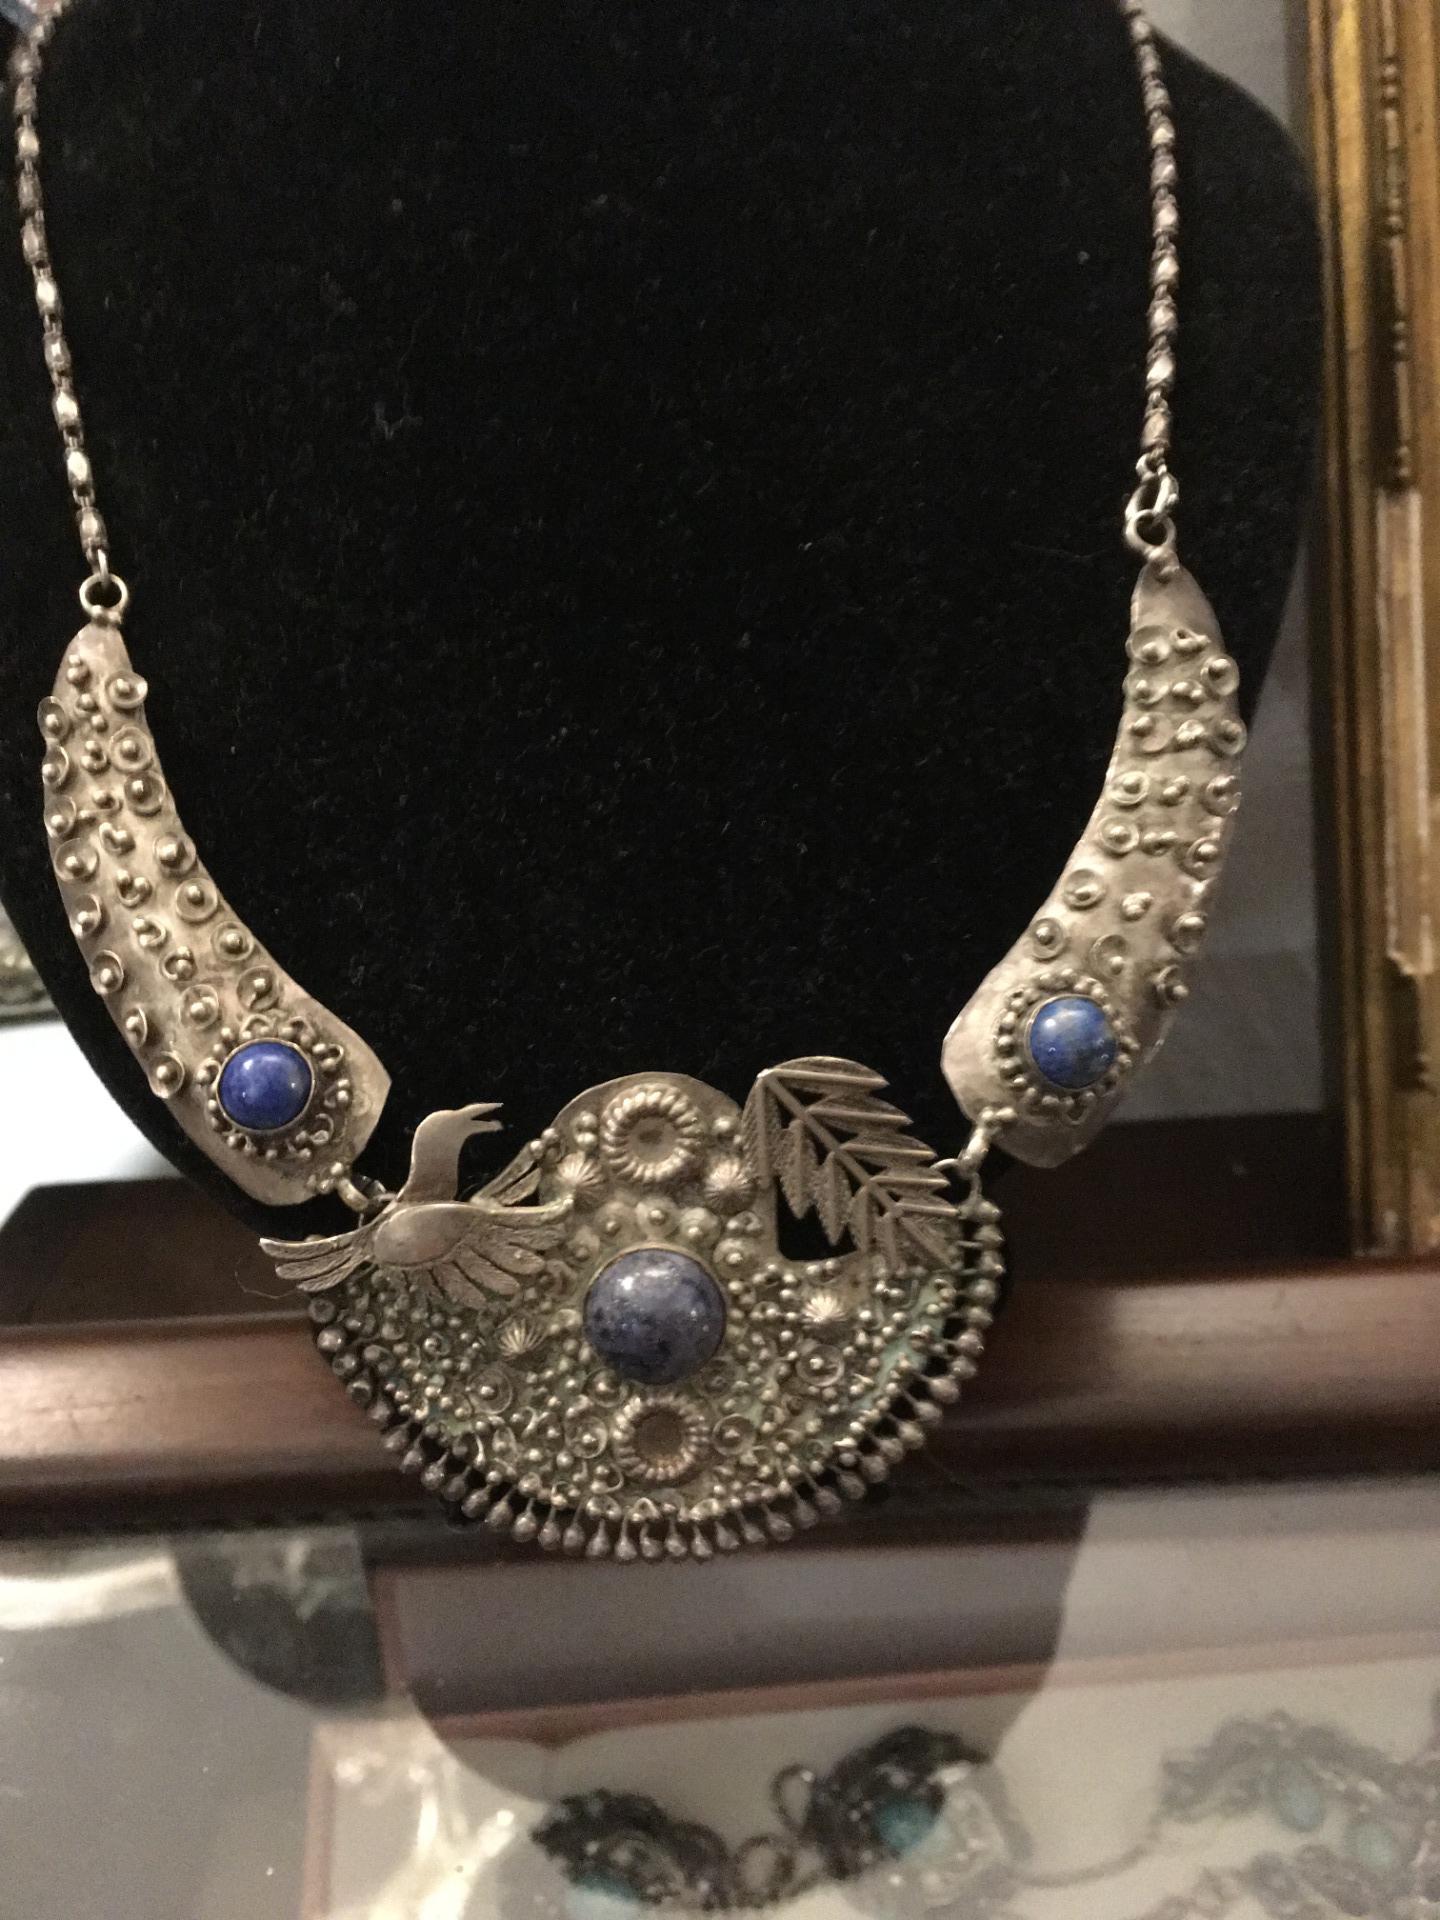 thumb4|Collana in argento e lapislazzuli